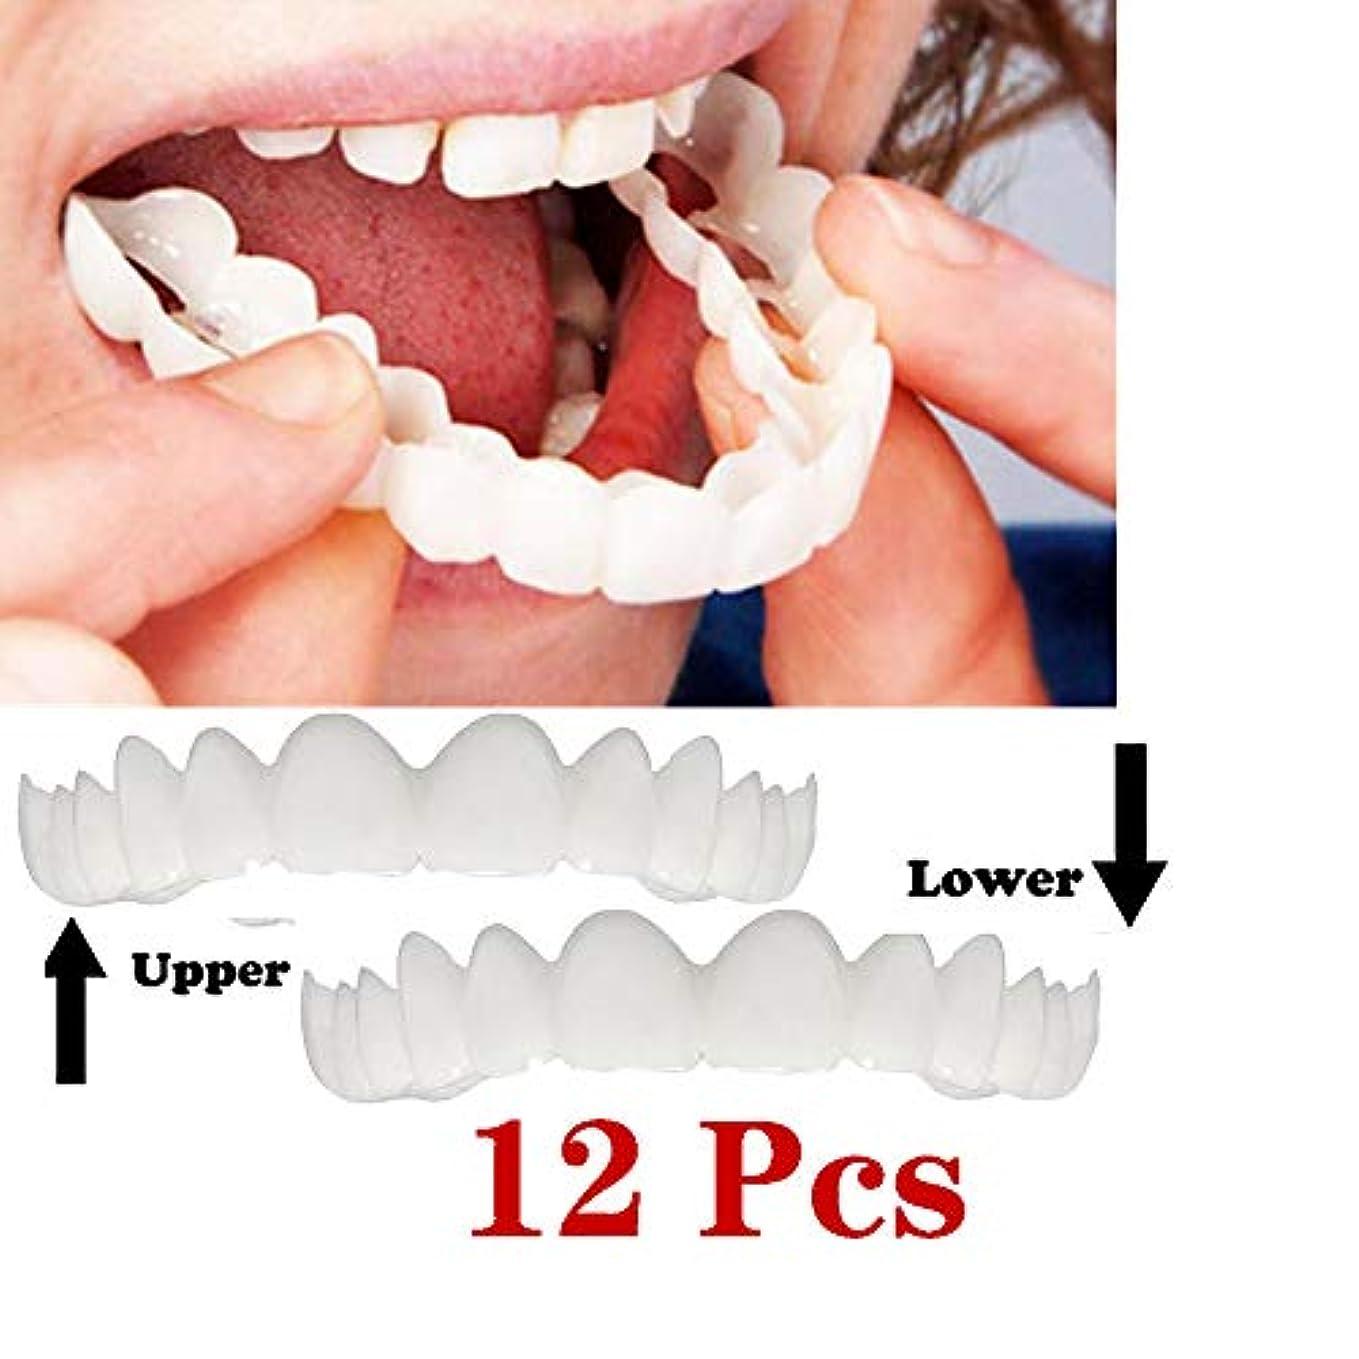 祝福する幾何学ブラシインスタント快適なフレックスパーフェクトベニヤワンサイズフィットの歯のスナップキャップを白くする12個の上下の歯の化粧品のベニヤ、最も快適な義歯のケア